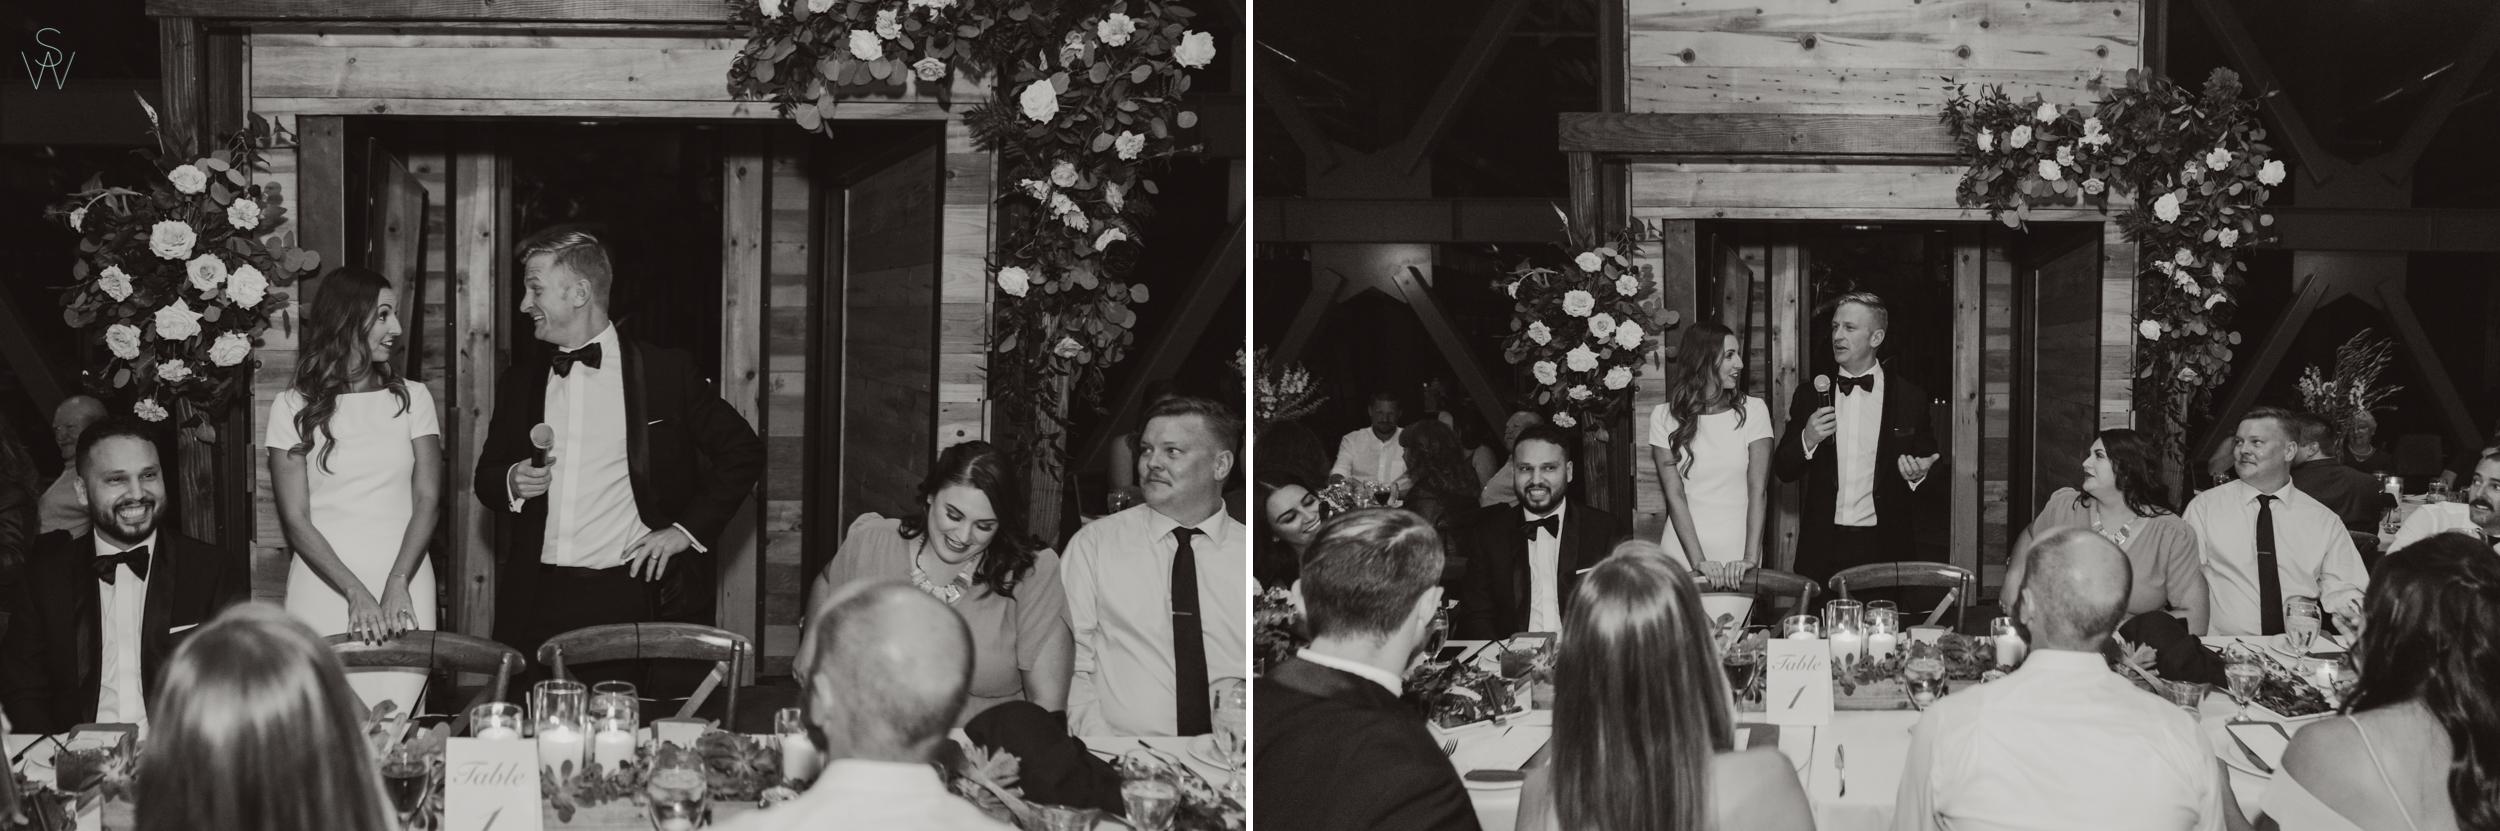 170THE.UNDERGROUND.ELEPHANT.wedding.photography.shewanders.JPG